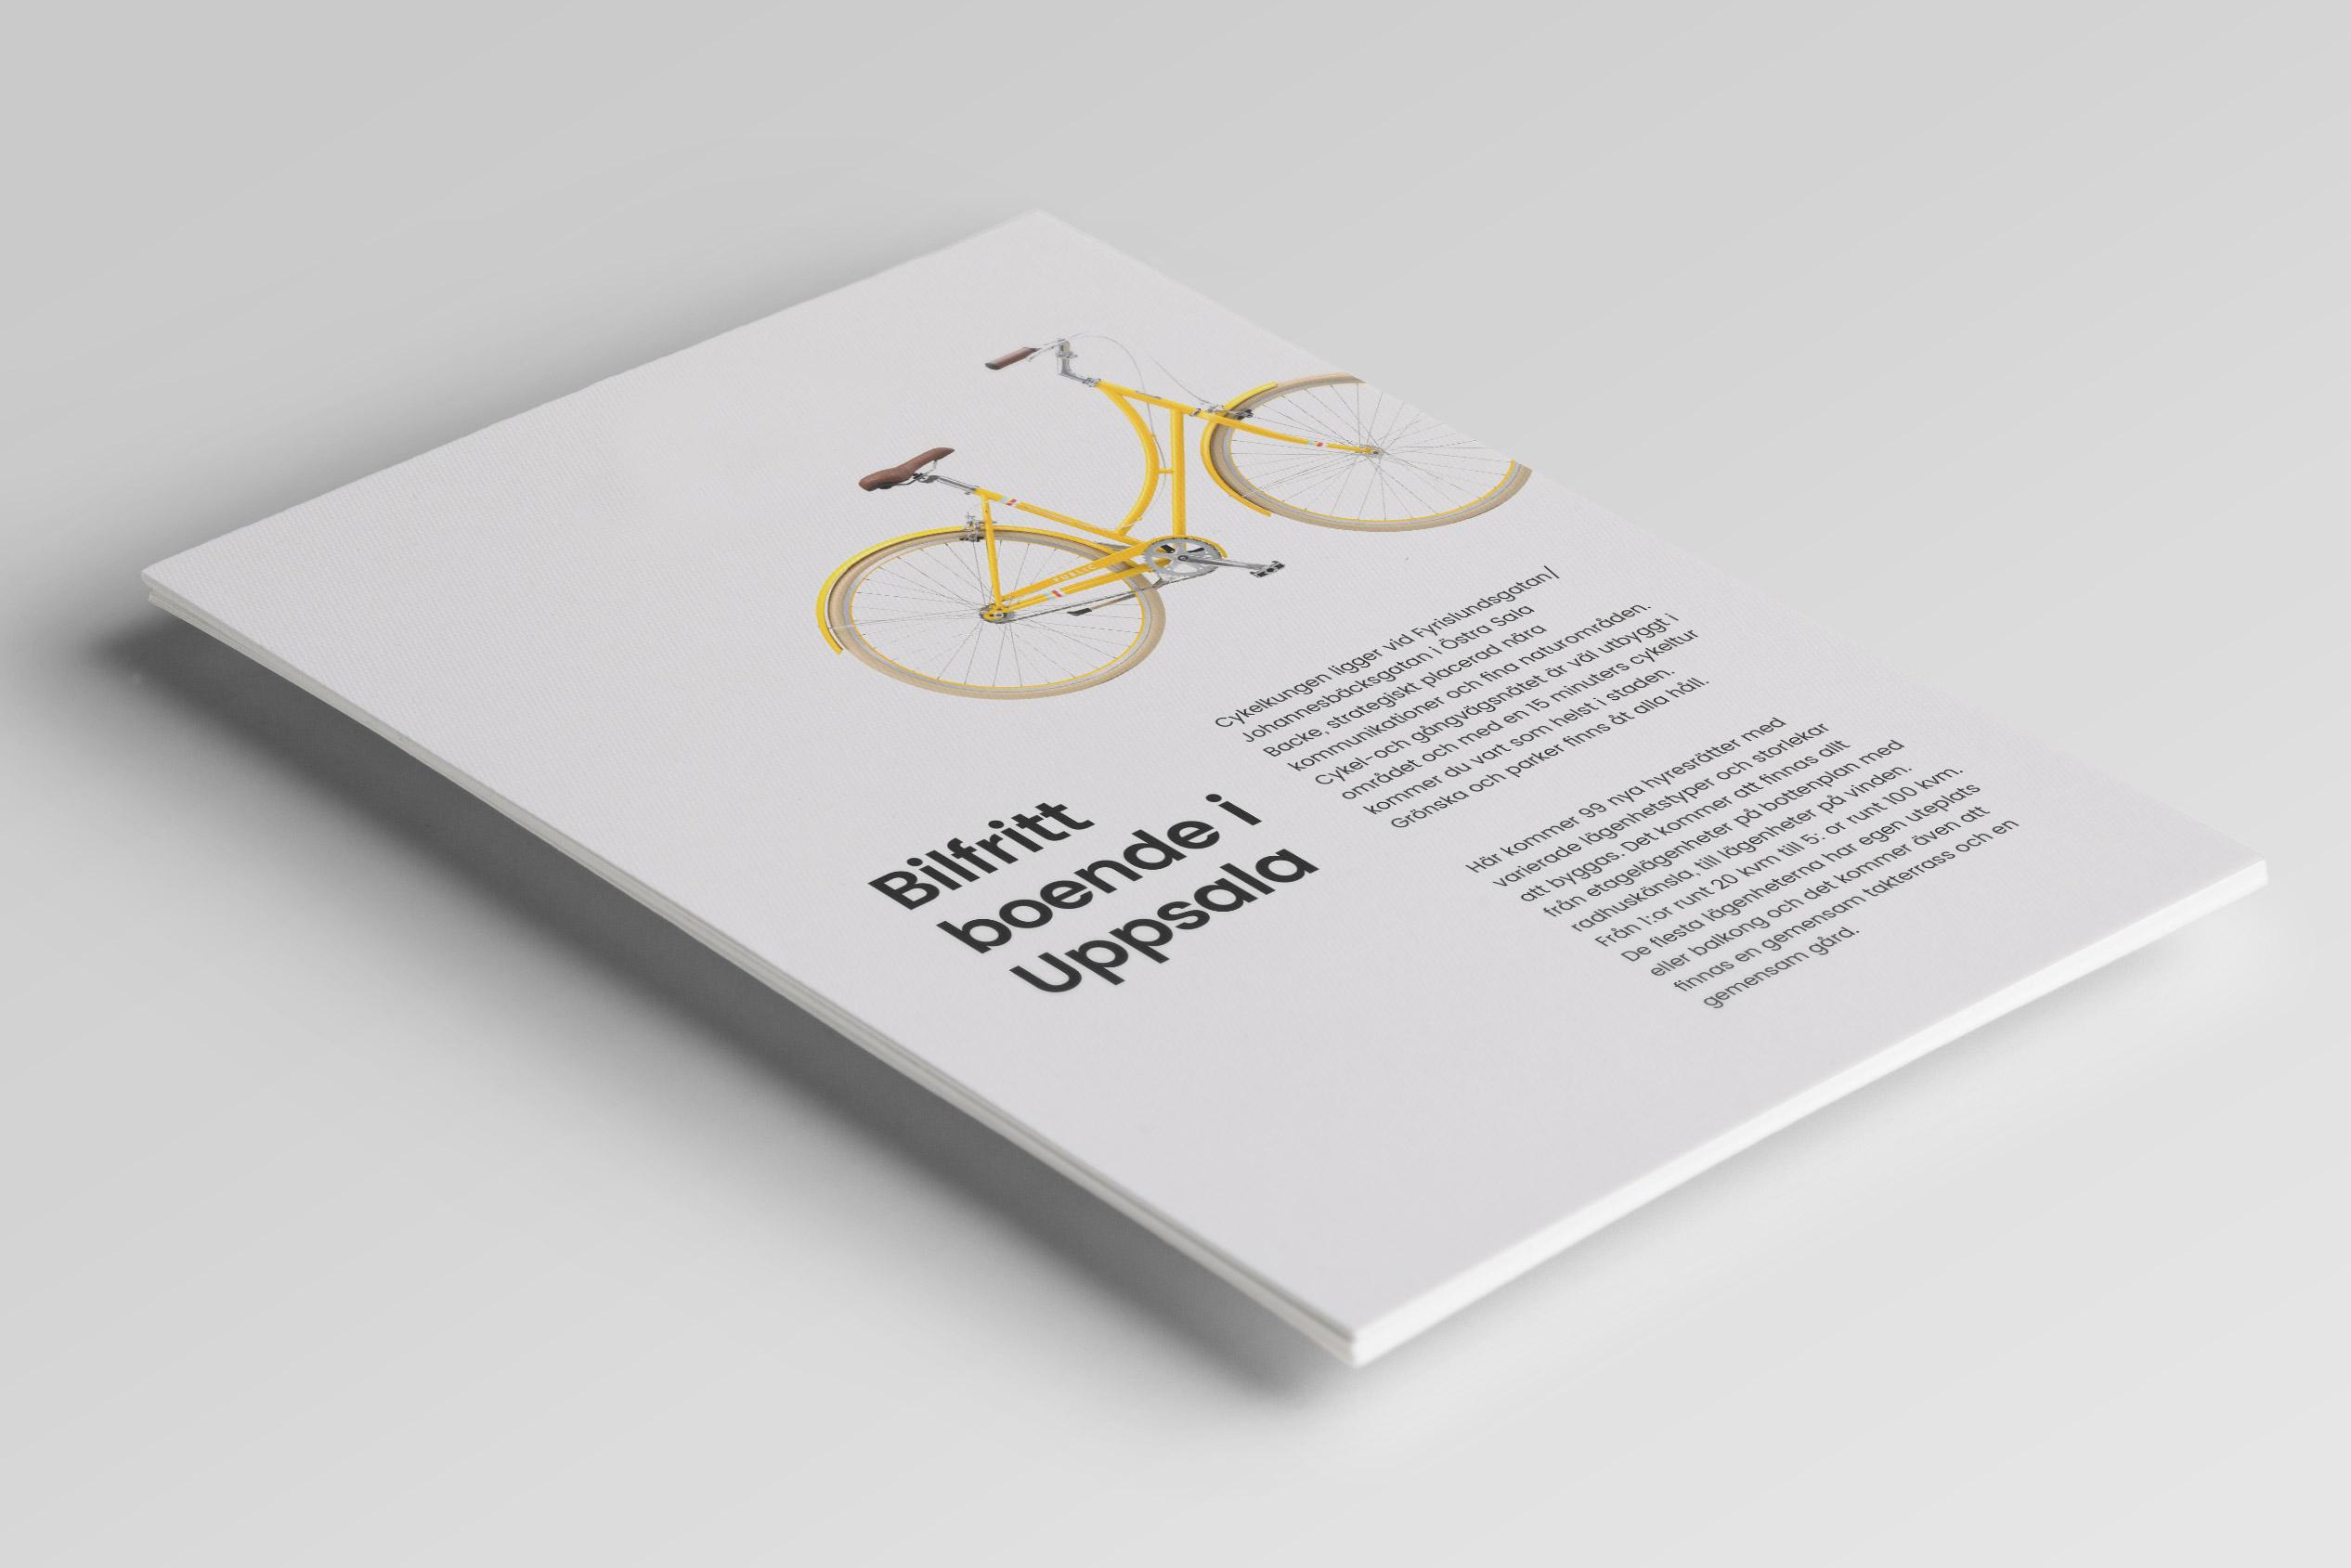 Sveafastigheter Cykelkungen Wonderfour